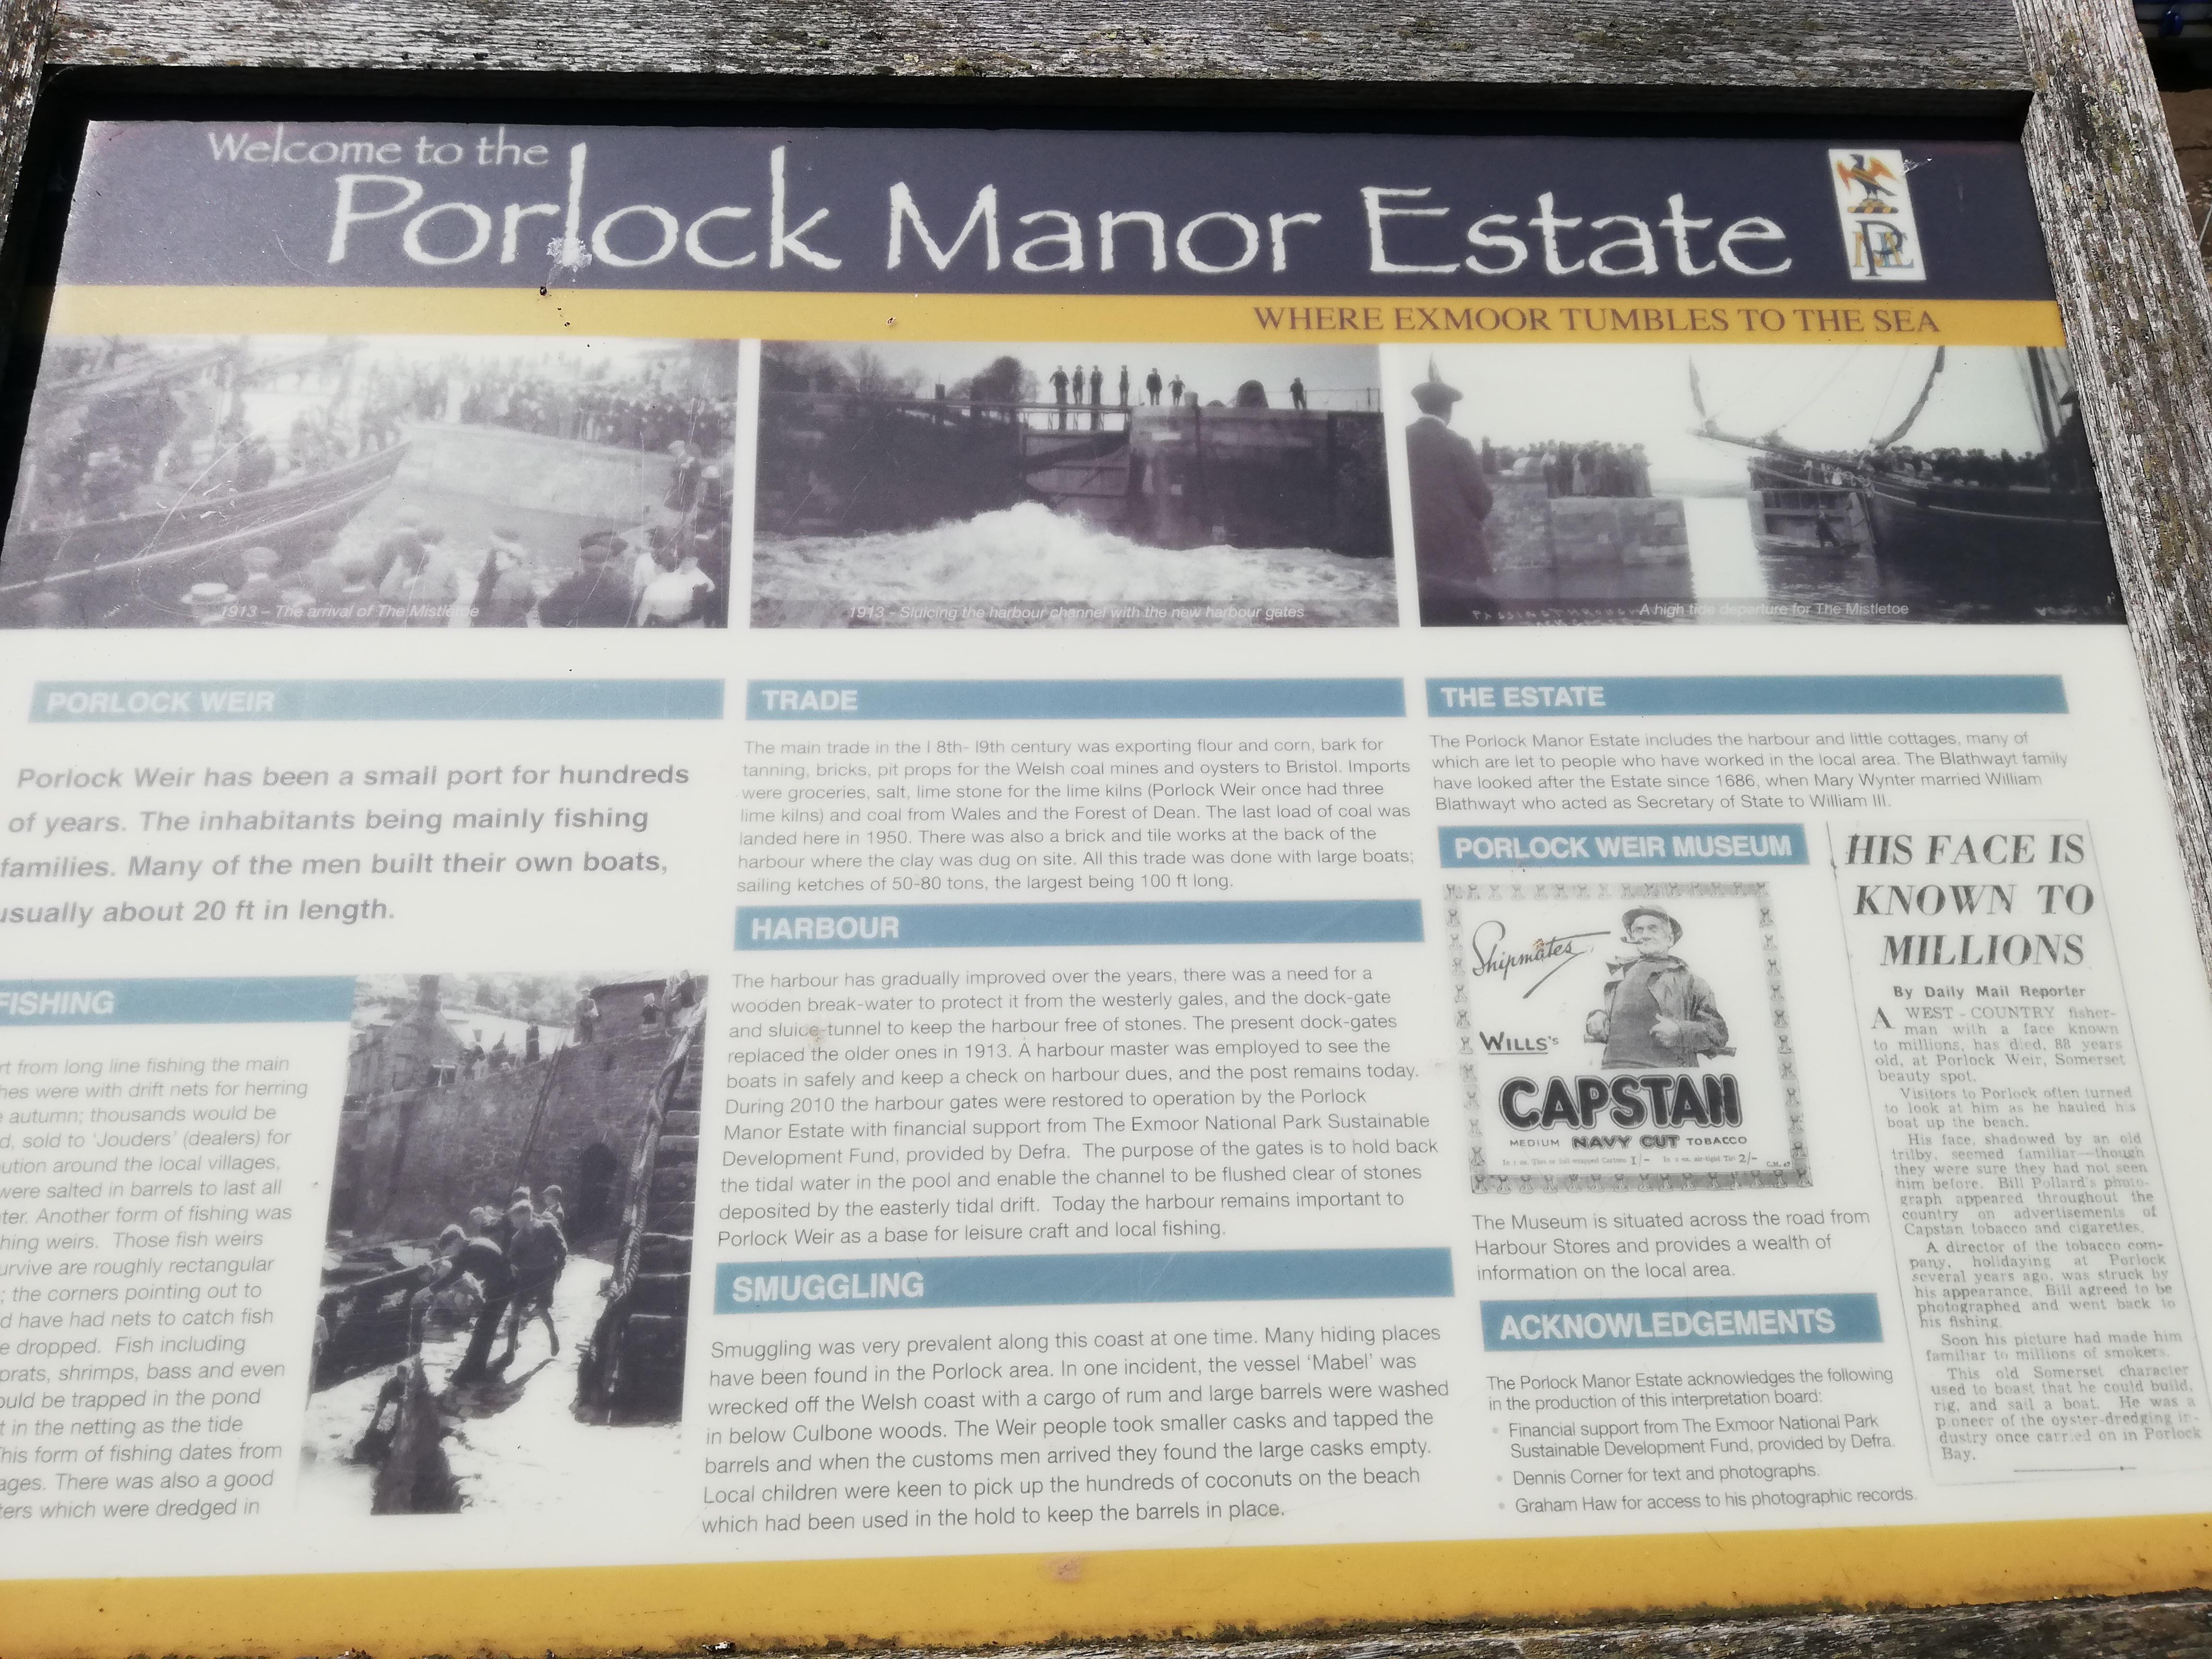 Porlock Weir